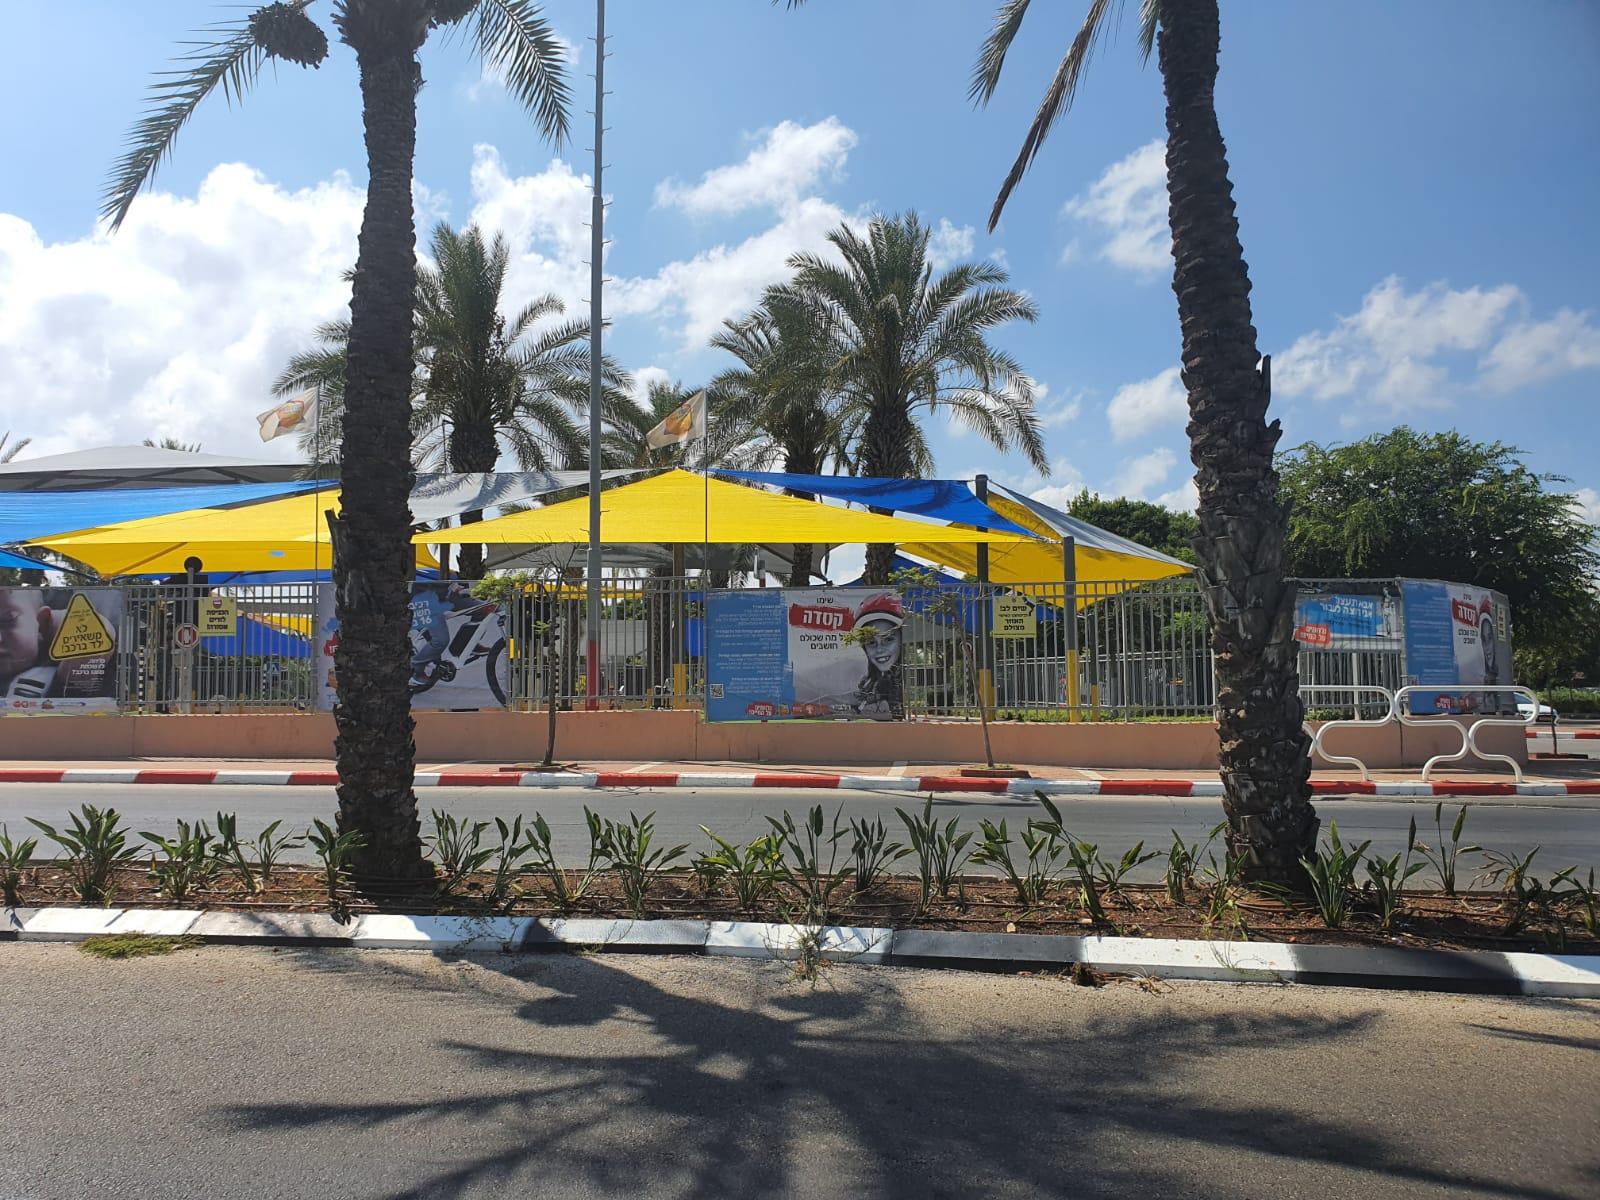 בית הספר לבטיחות בדרכים צילום: עיריית ראשון לציון